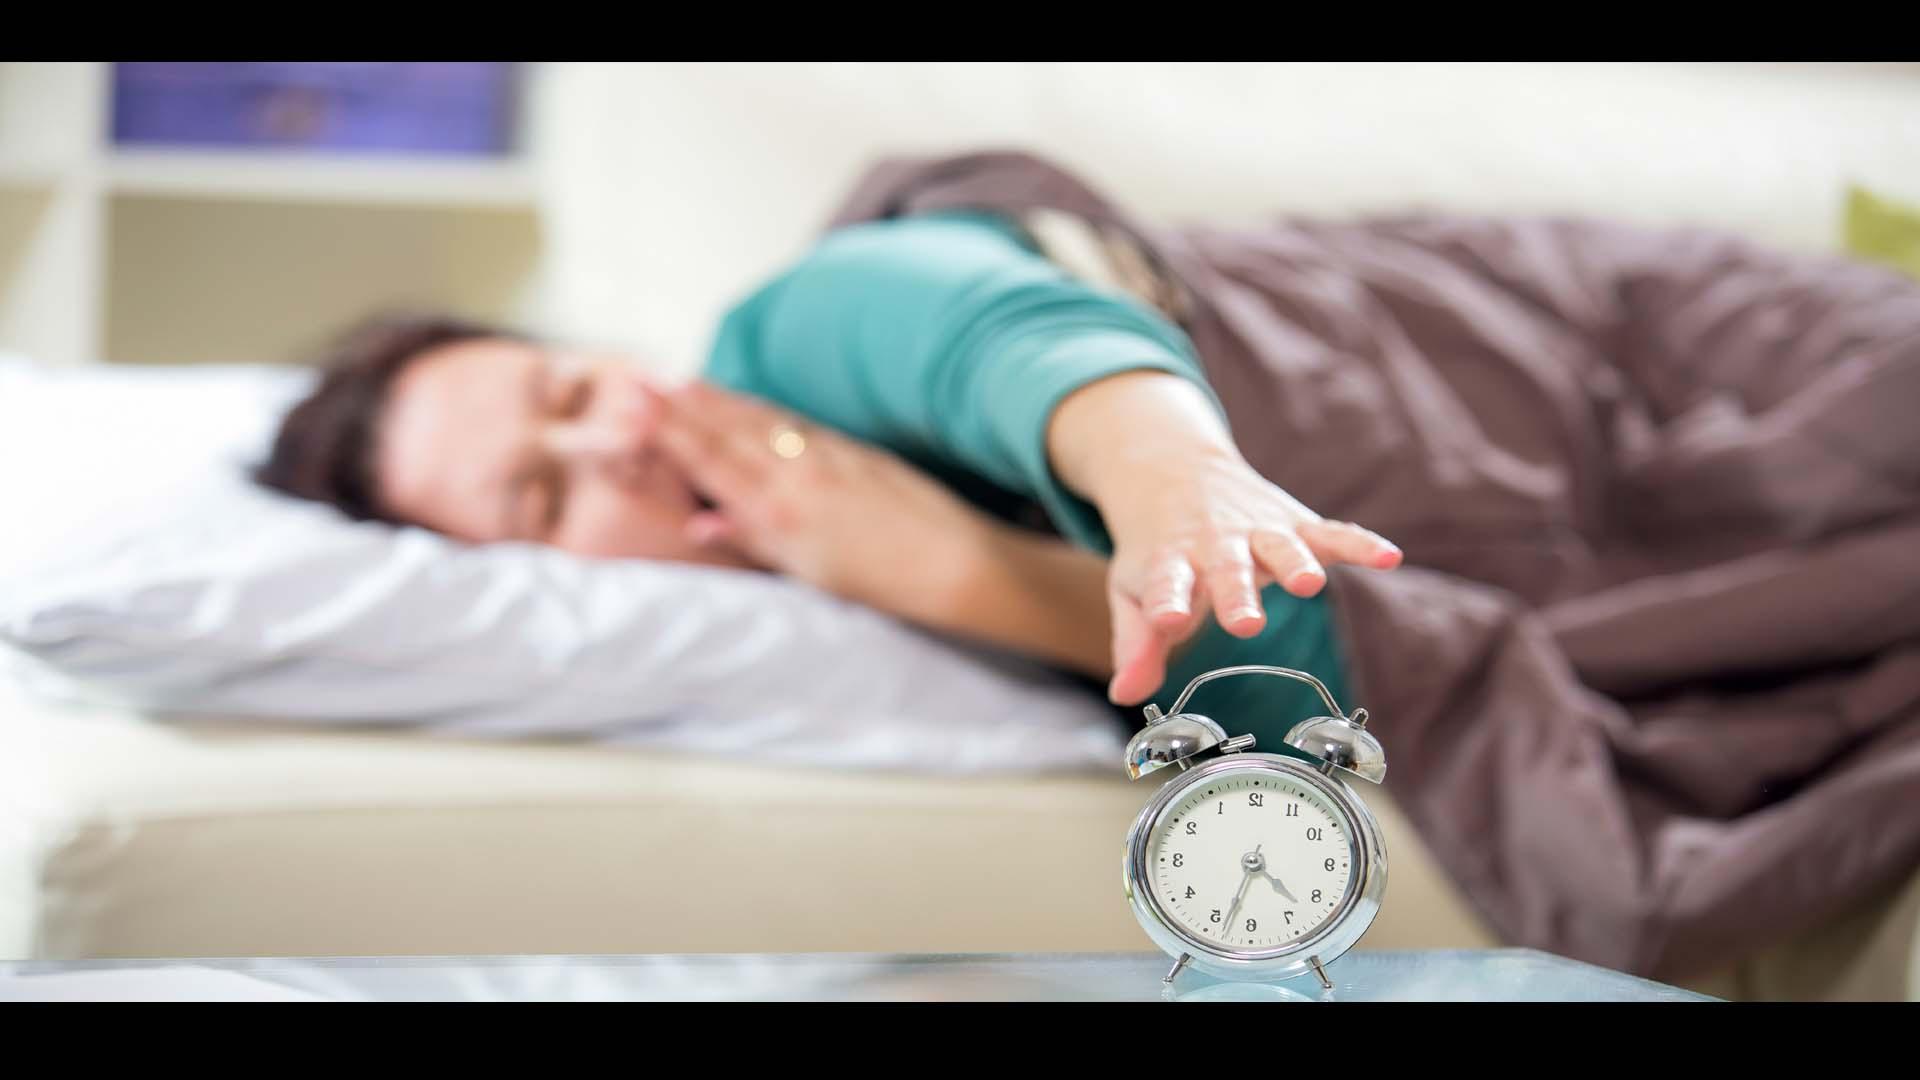 Dormir más los fines de semana podría desatar diabetes, obesidad y enfermedades cardiovasculares